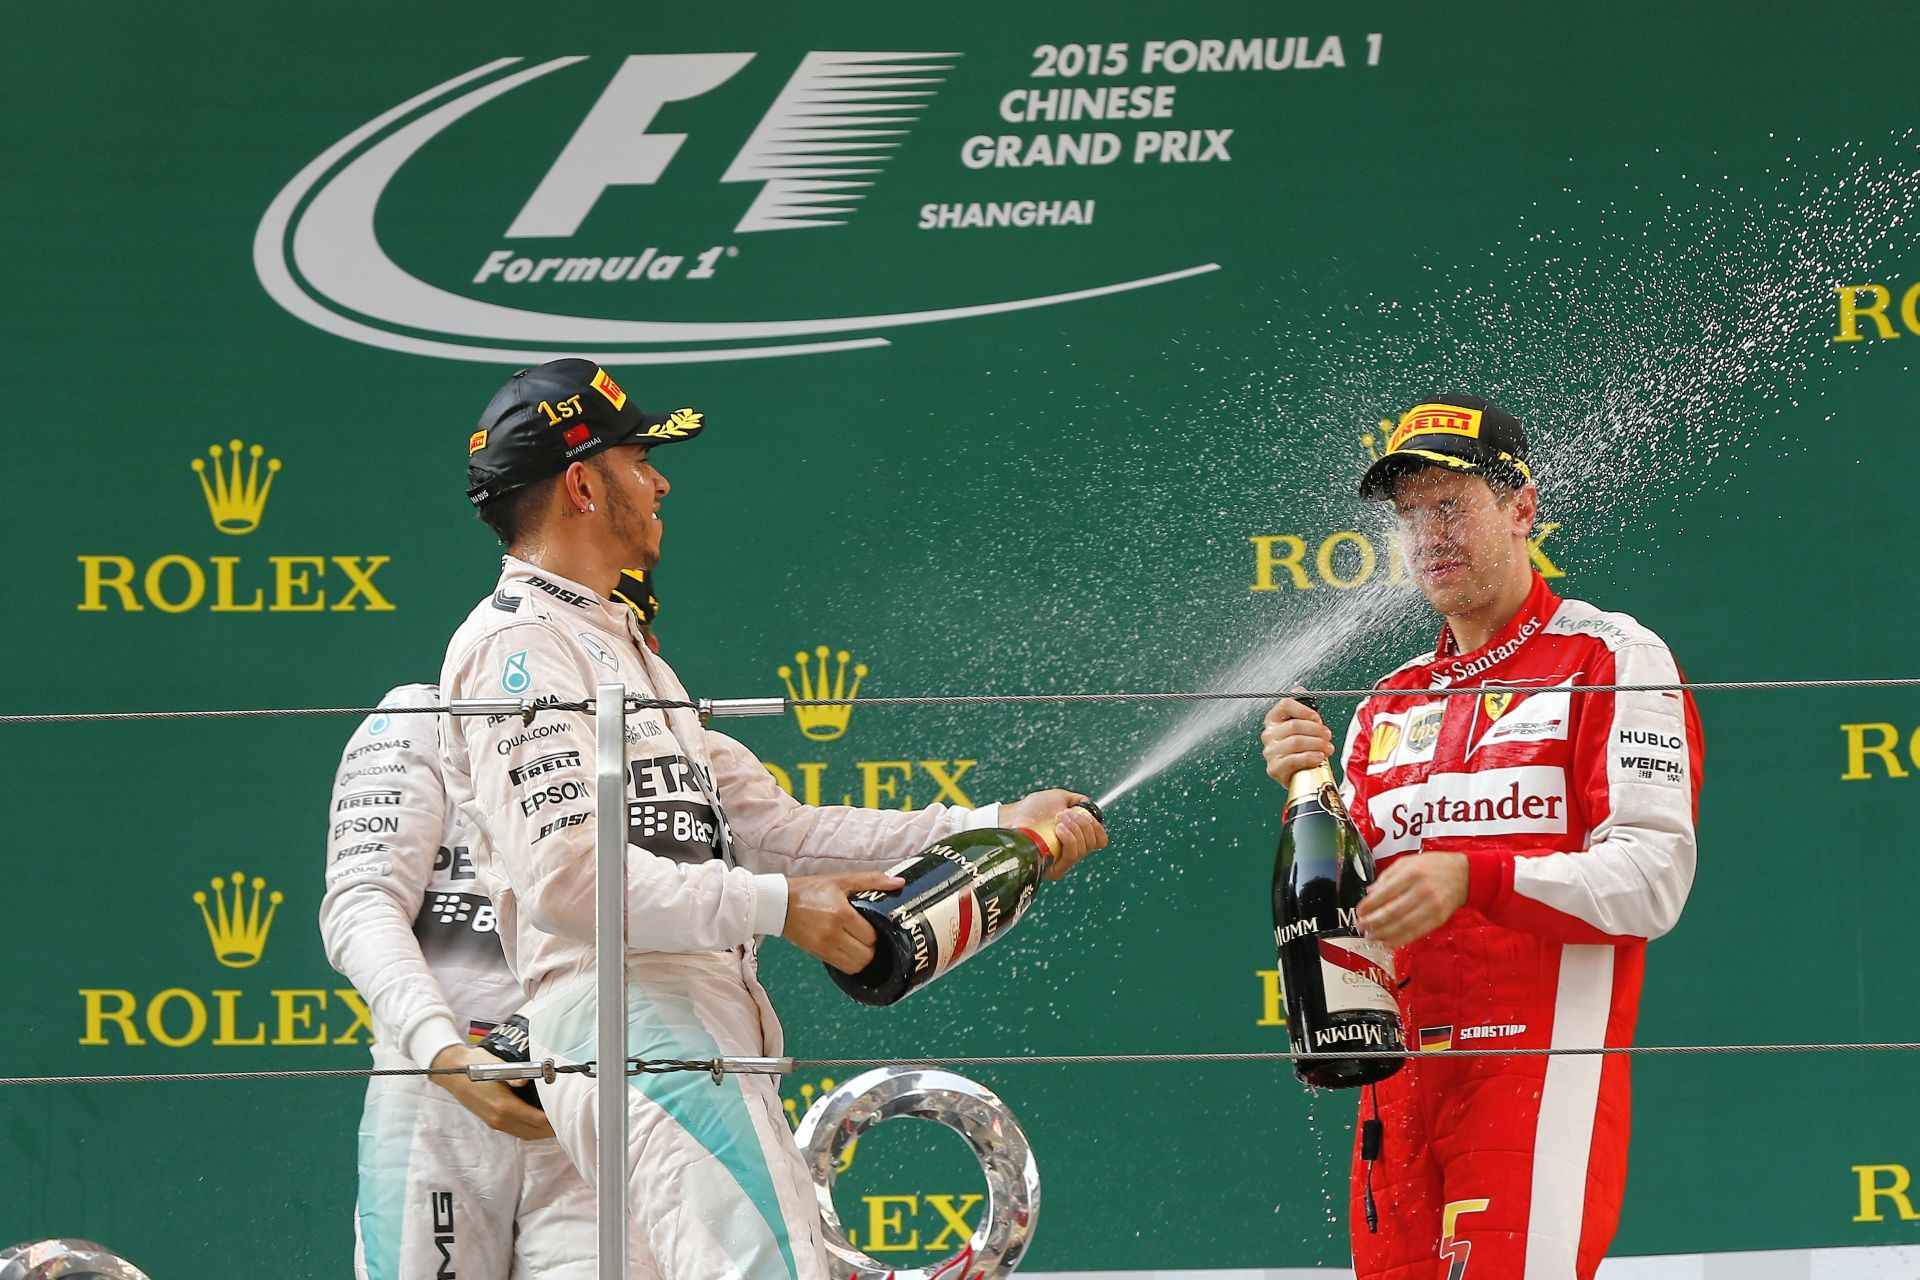 Kínai Nagydíj 2015: Képgaléria az öröm pillanatairól – Hamilton, Rosberg, Vettel